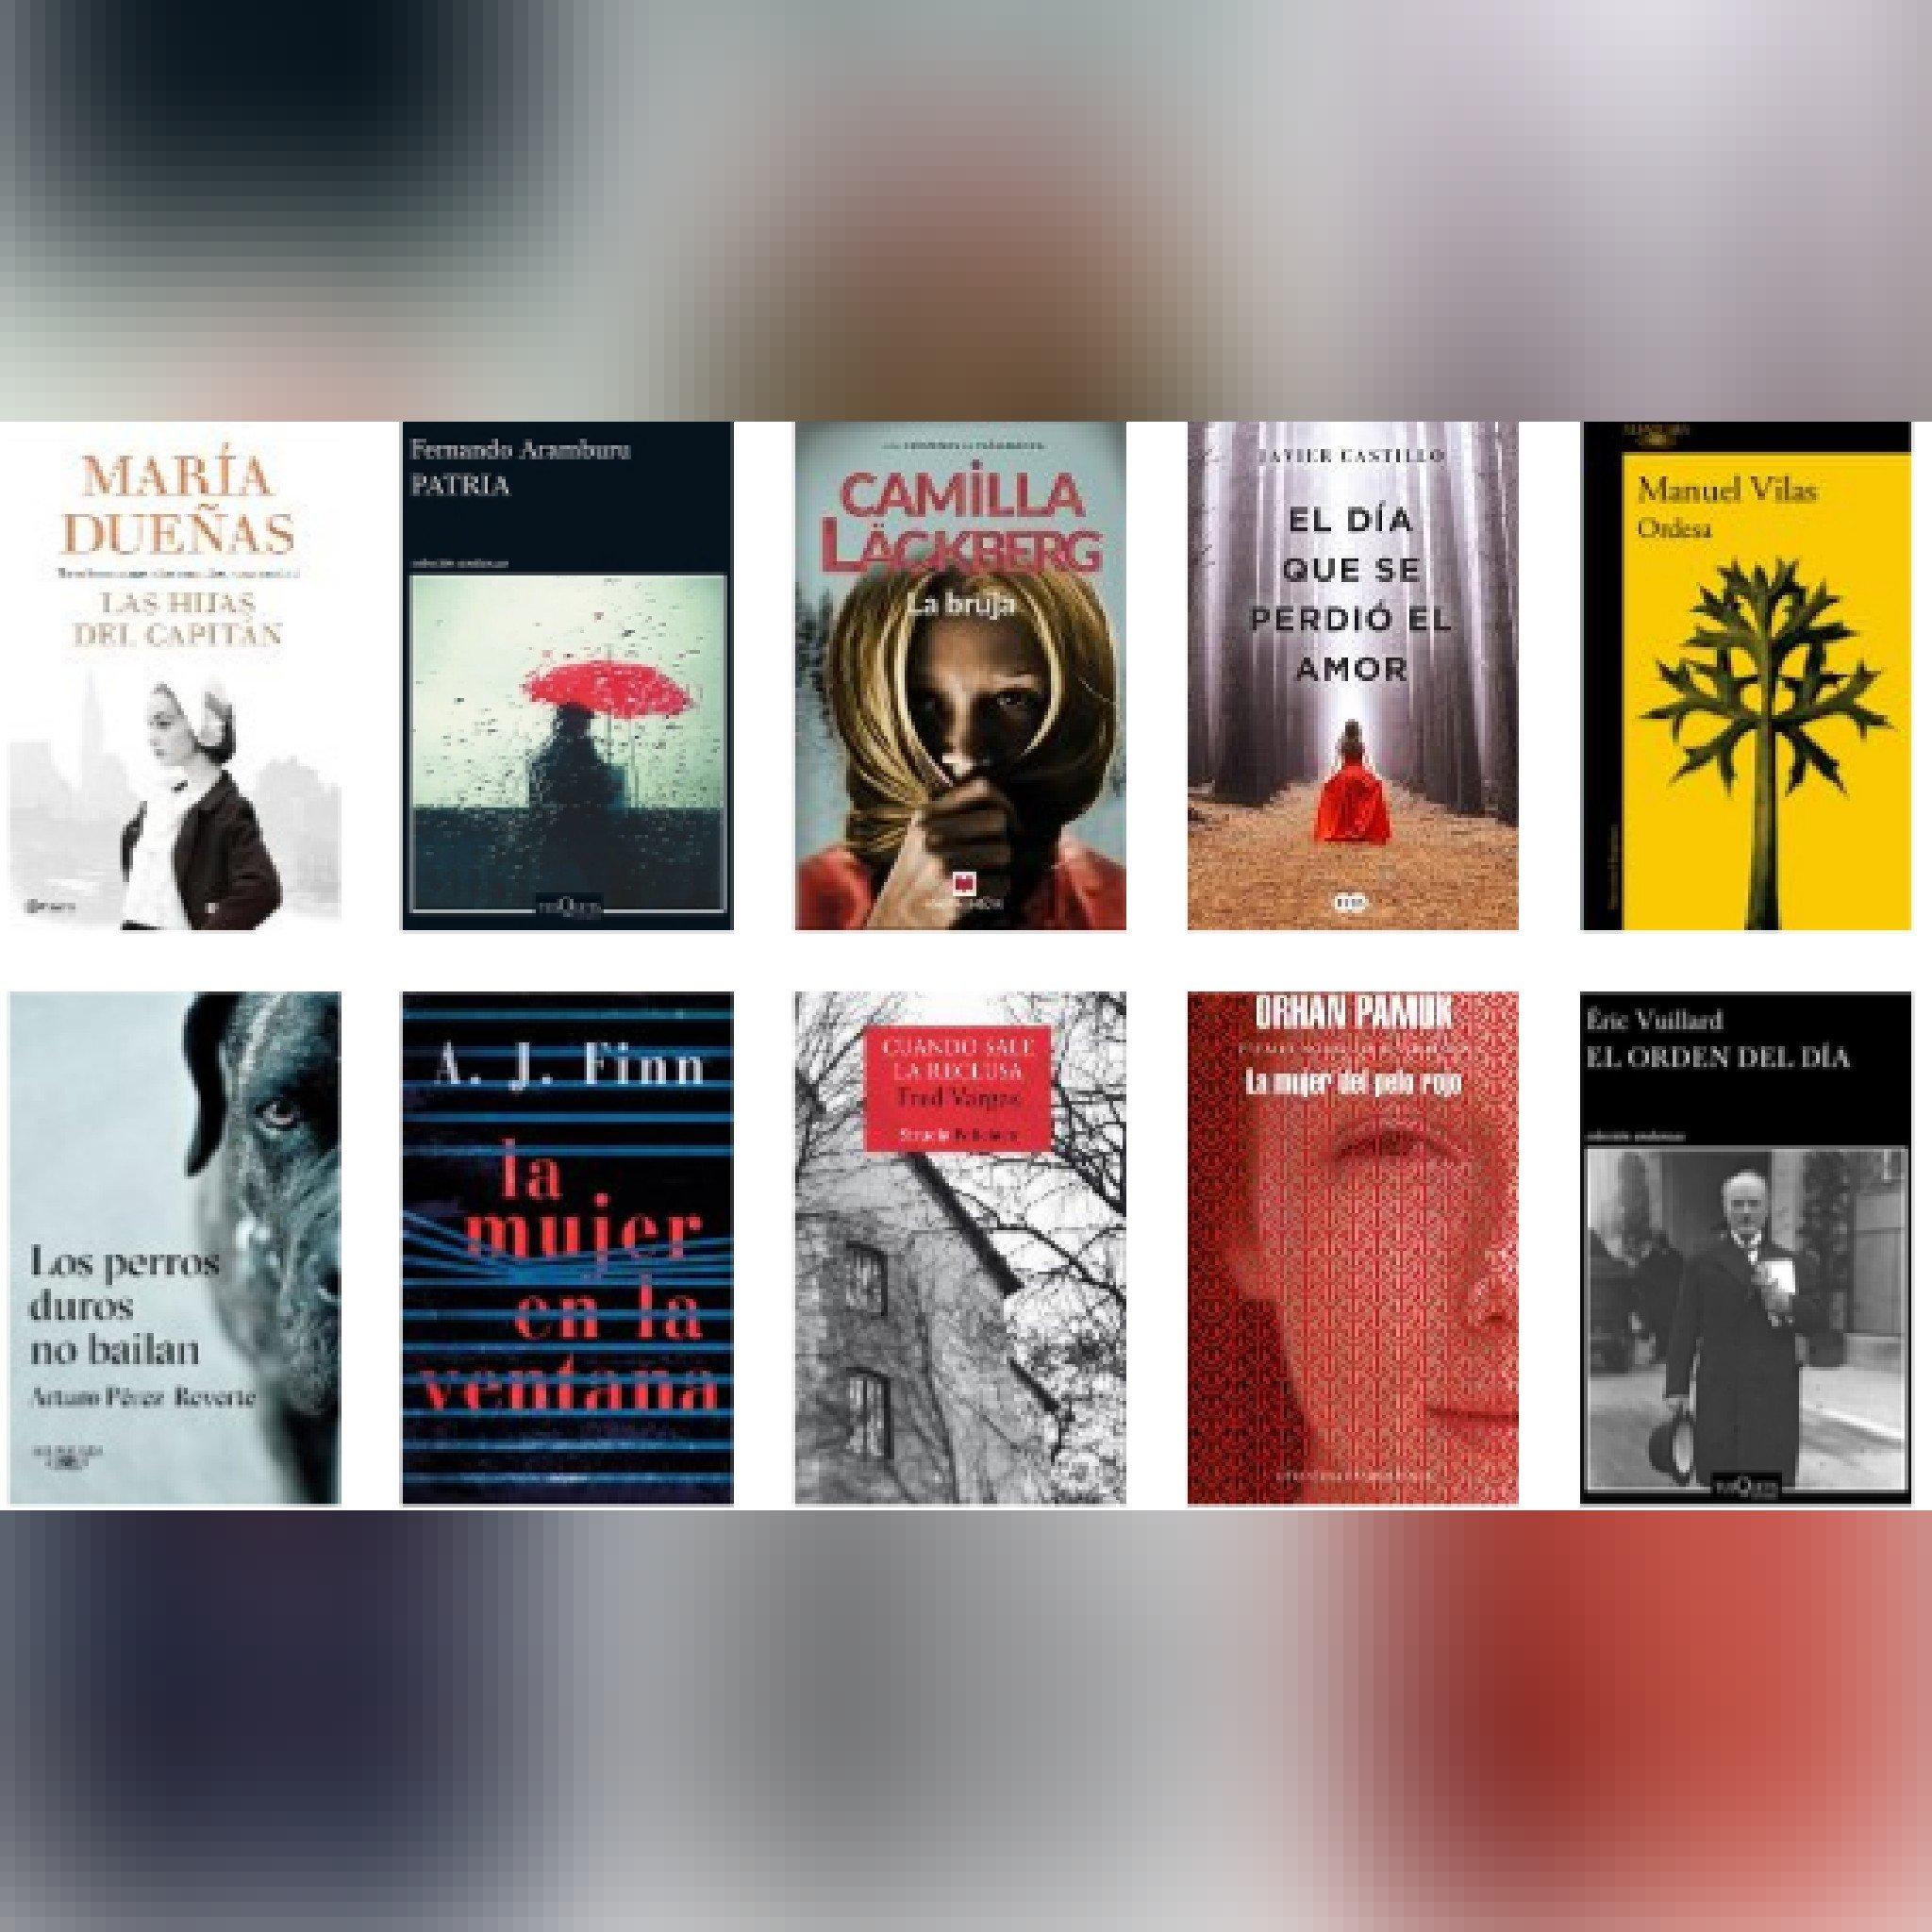 Lista libros ficción más vendidos del 30 al 6 de mayo revista El Cultural